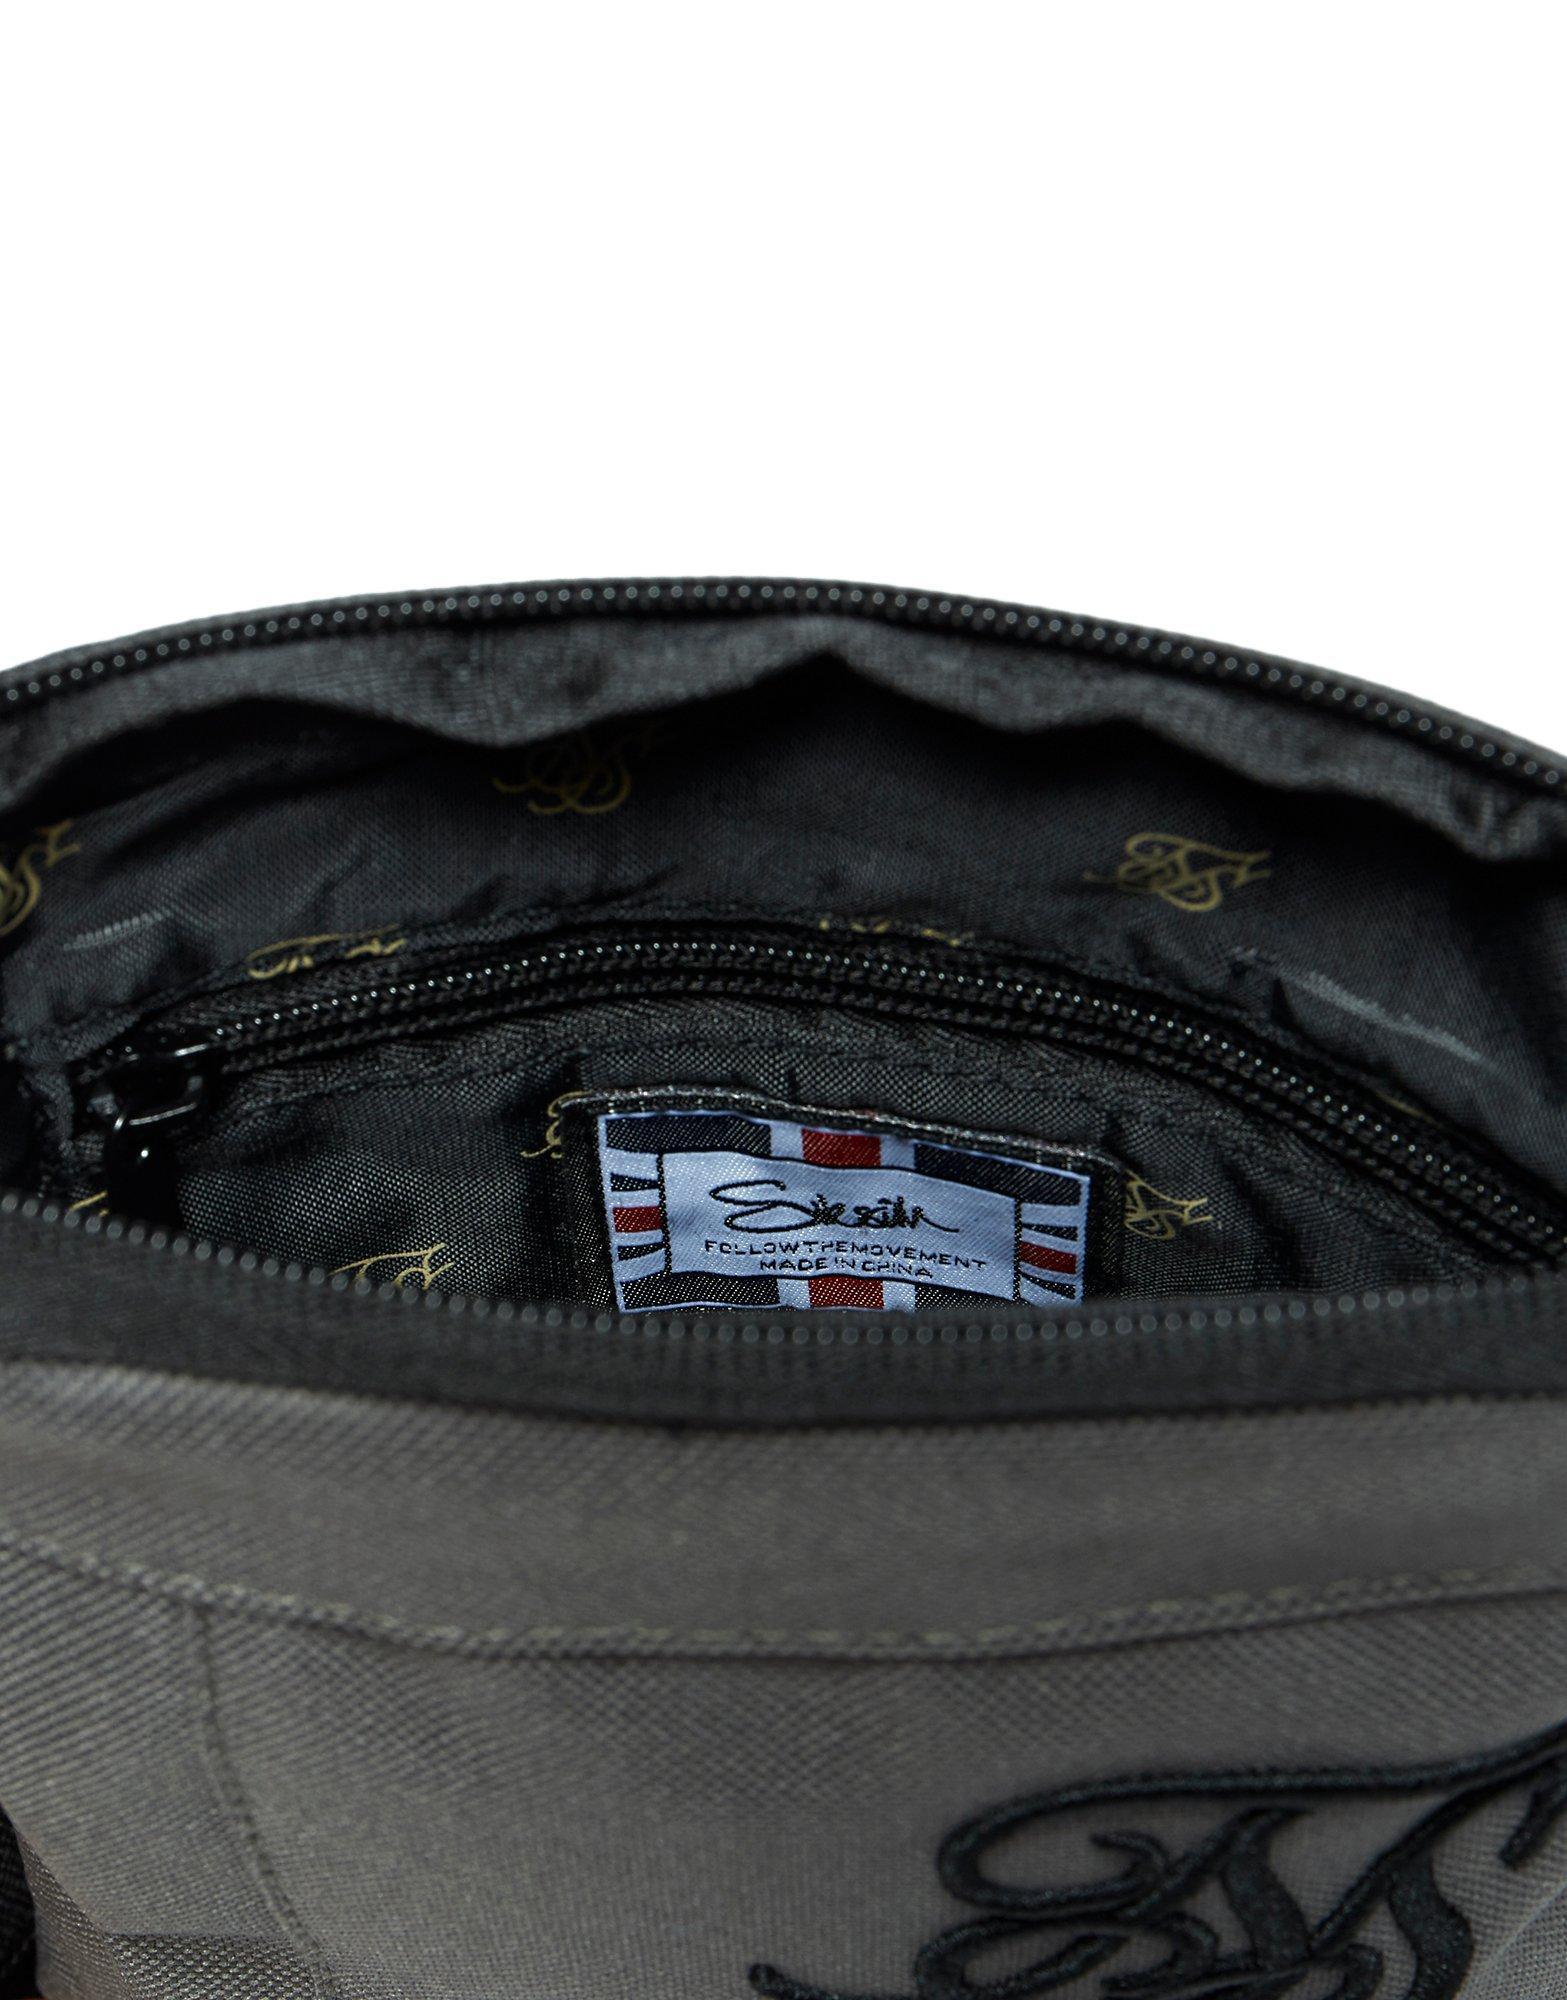 SIKSILK Synthetic Cross Body Flight Bag in Khaki (Black) for Men